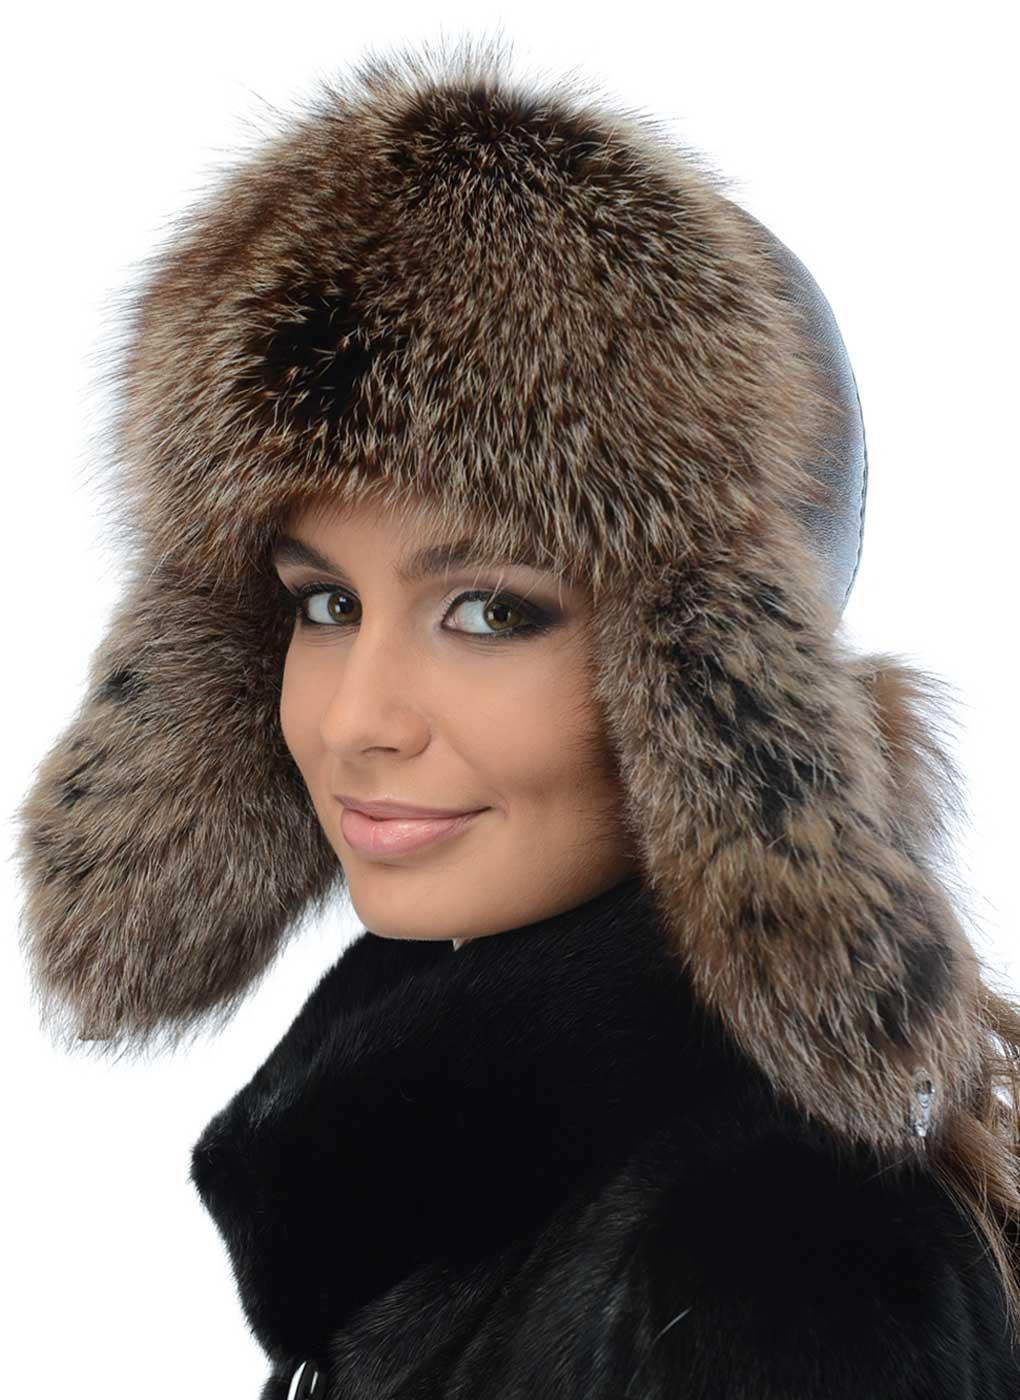 modnye-zhenskie-golovnye-ubory-osen'-zima-18